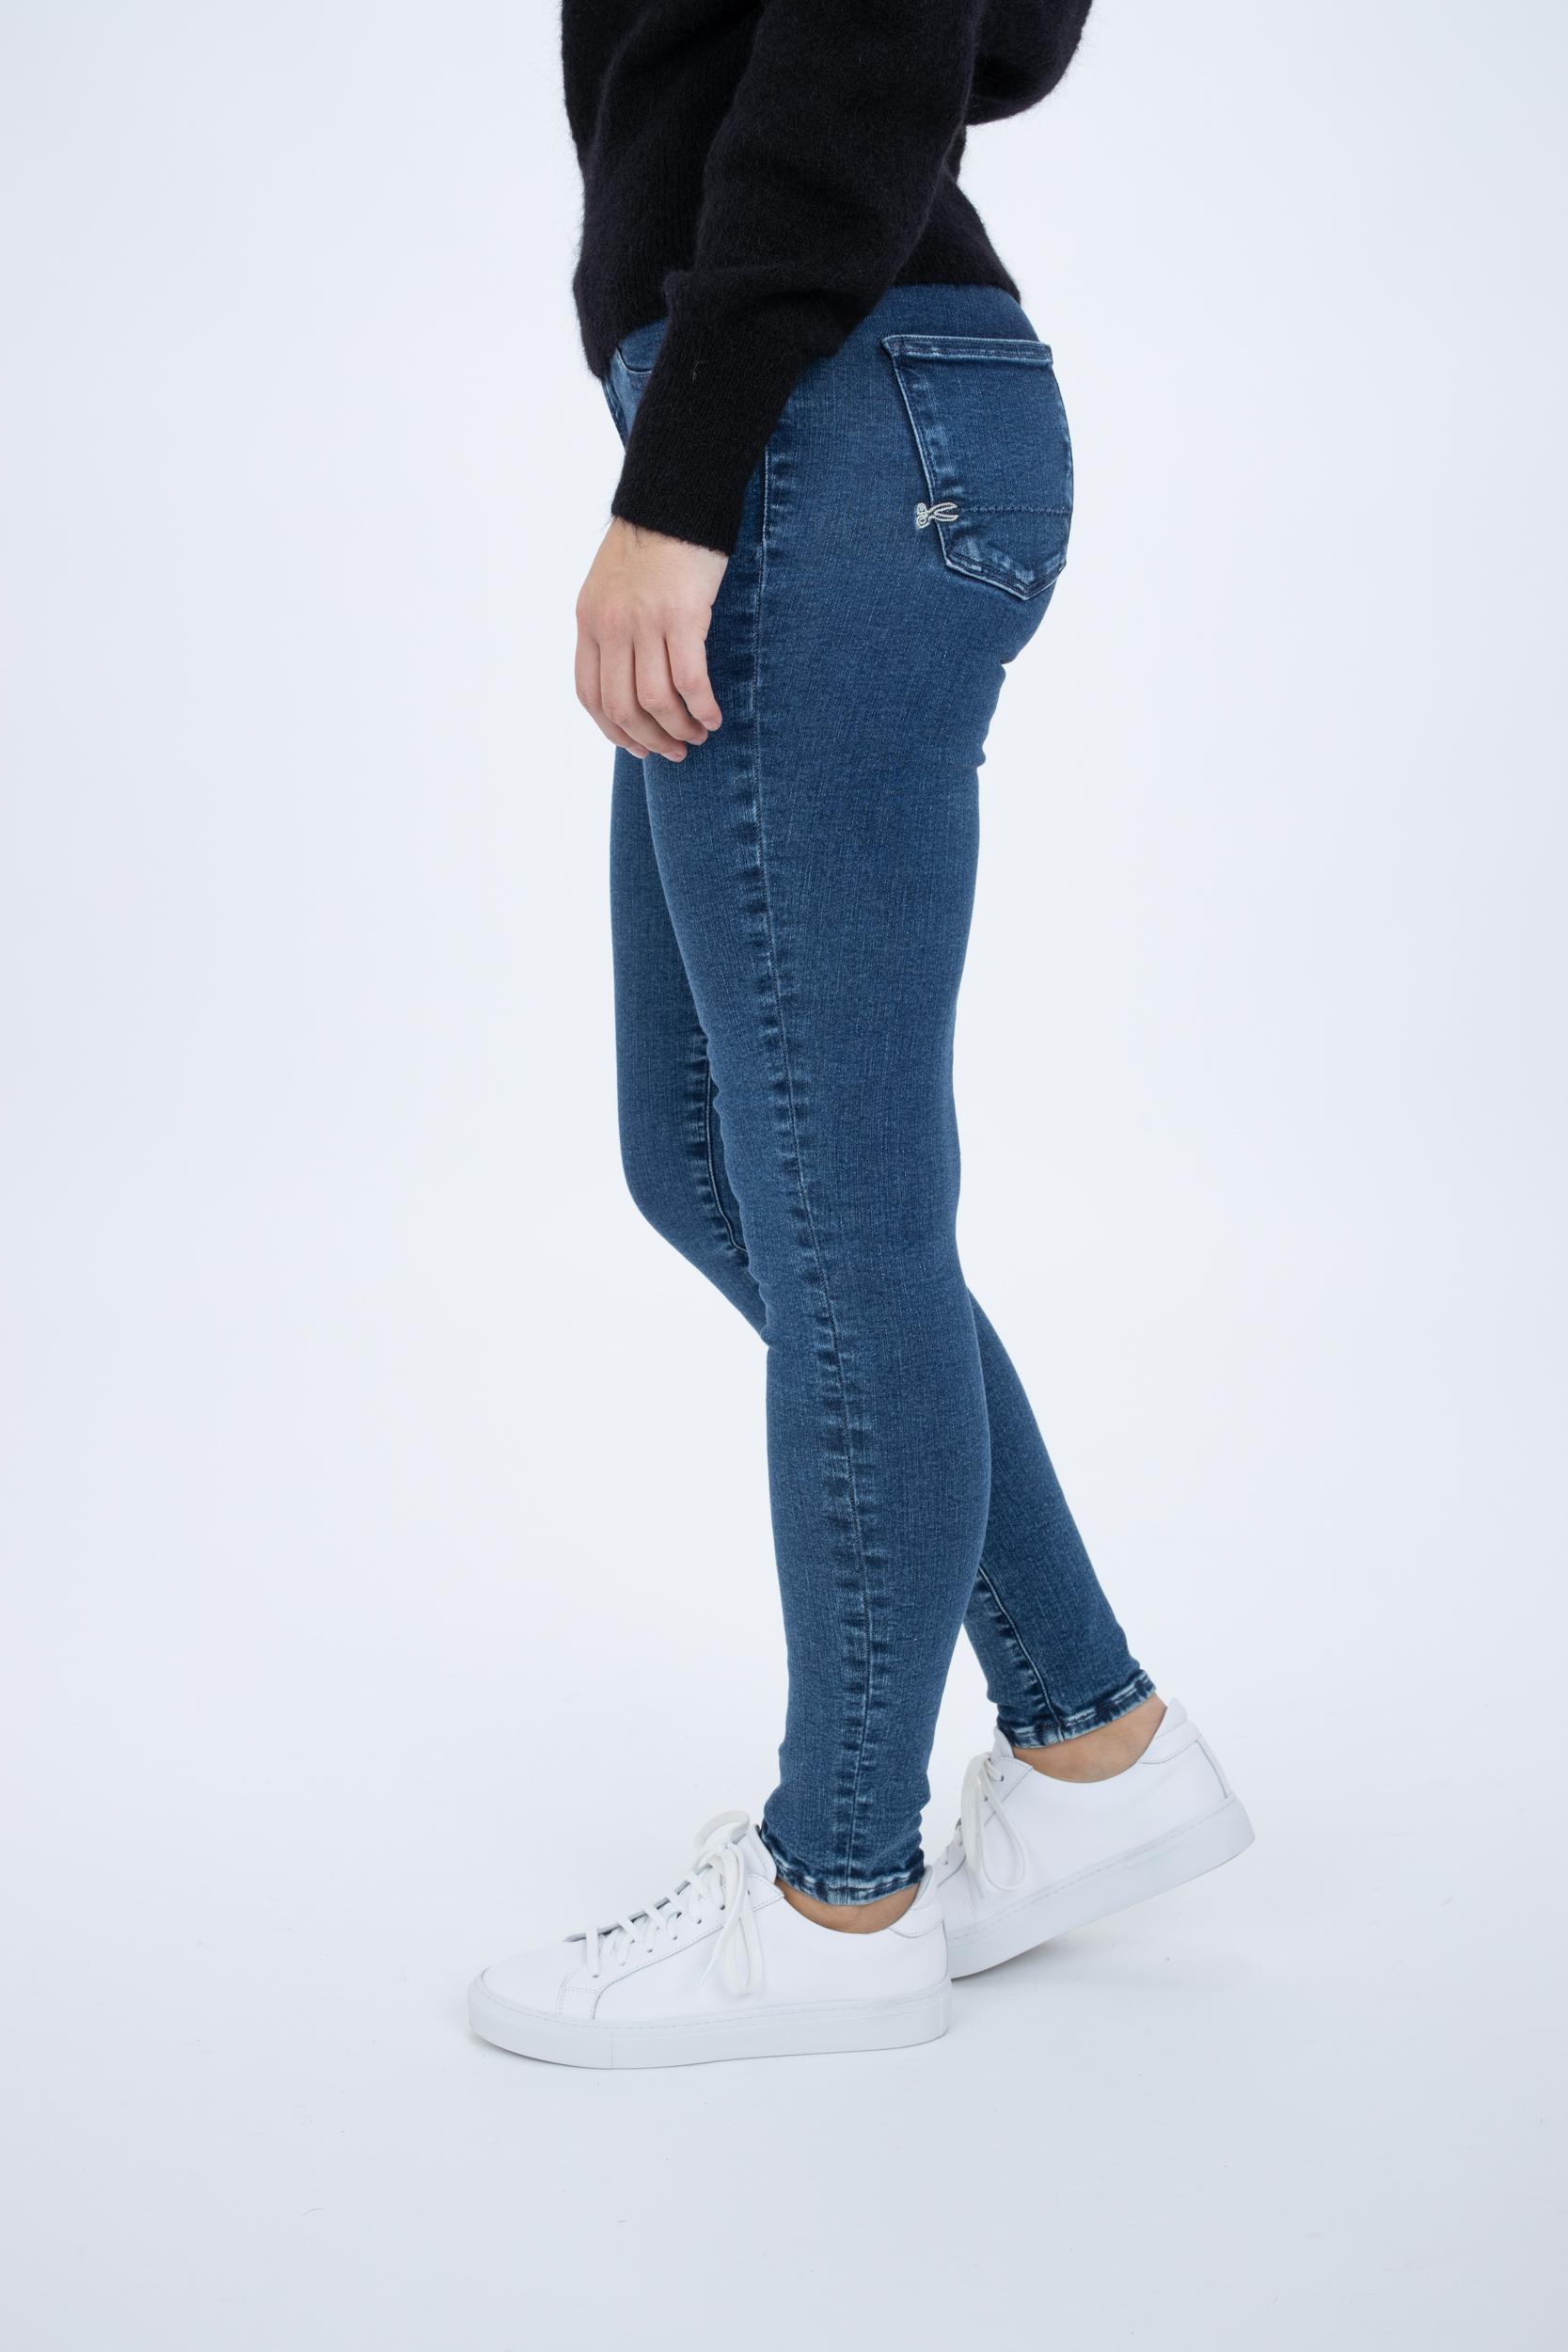 Jeans Spray